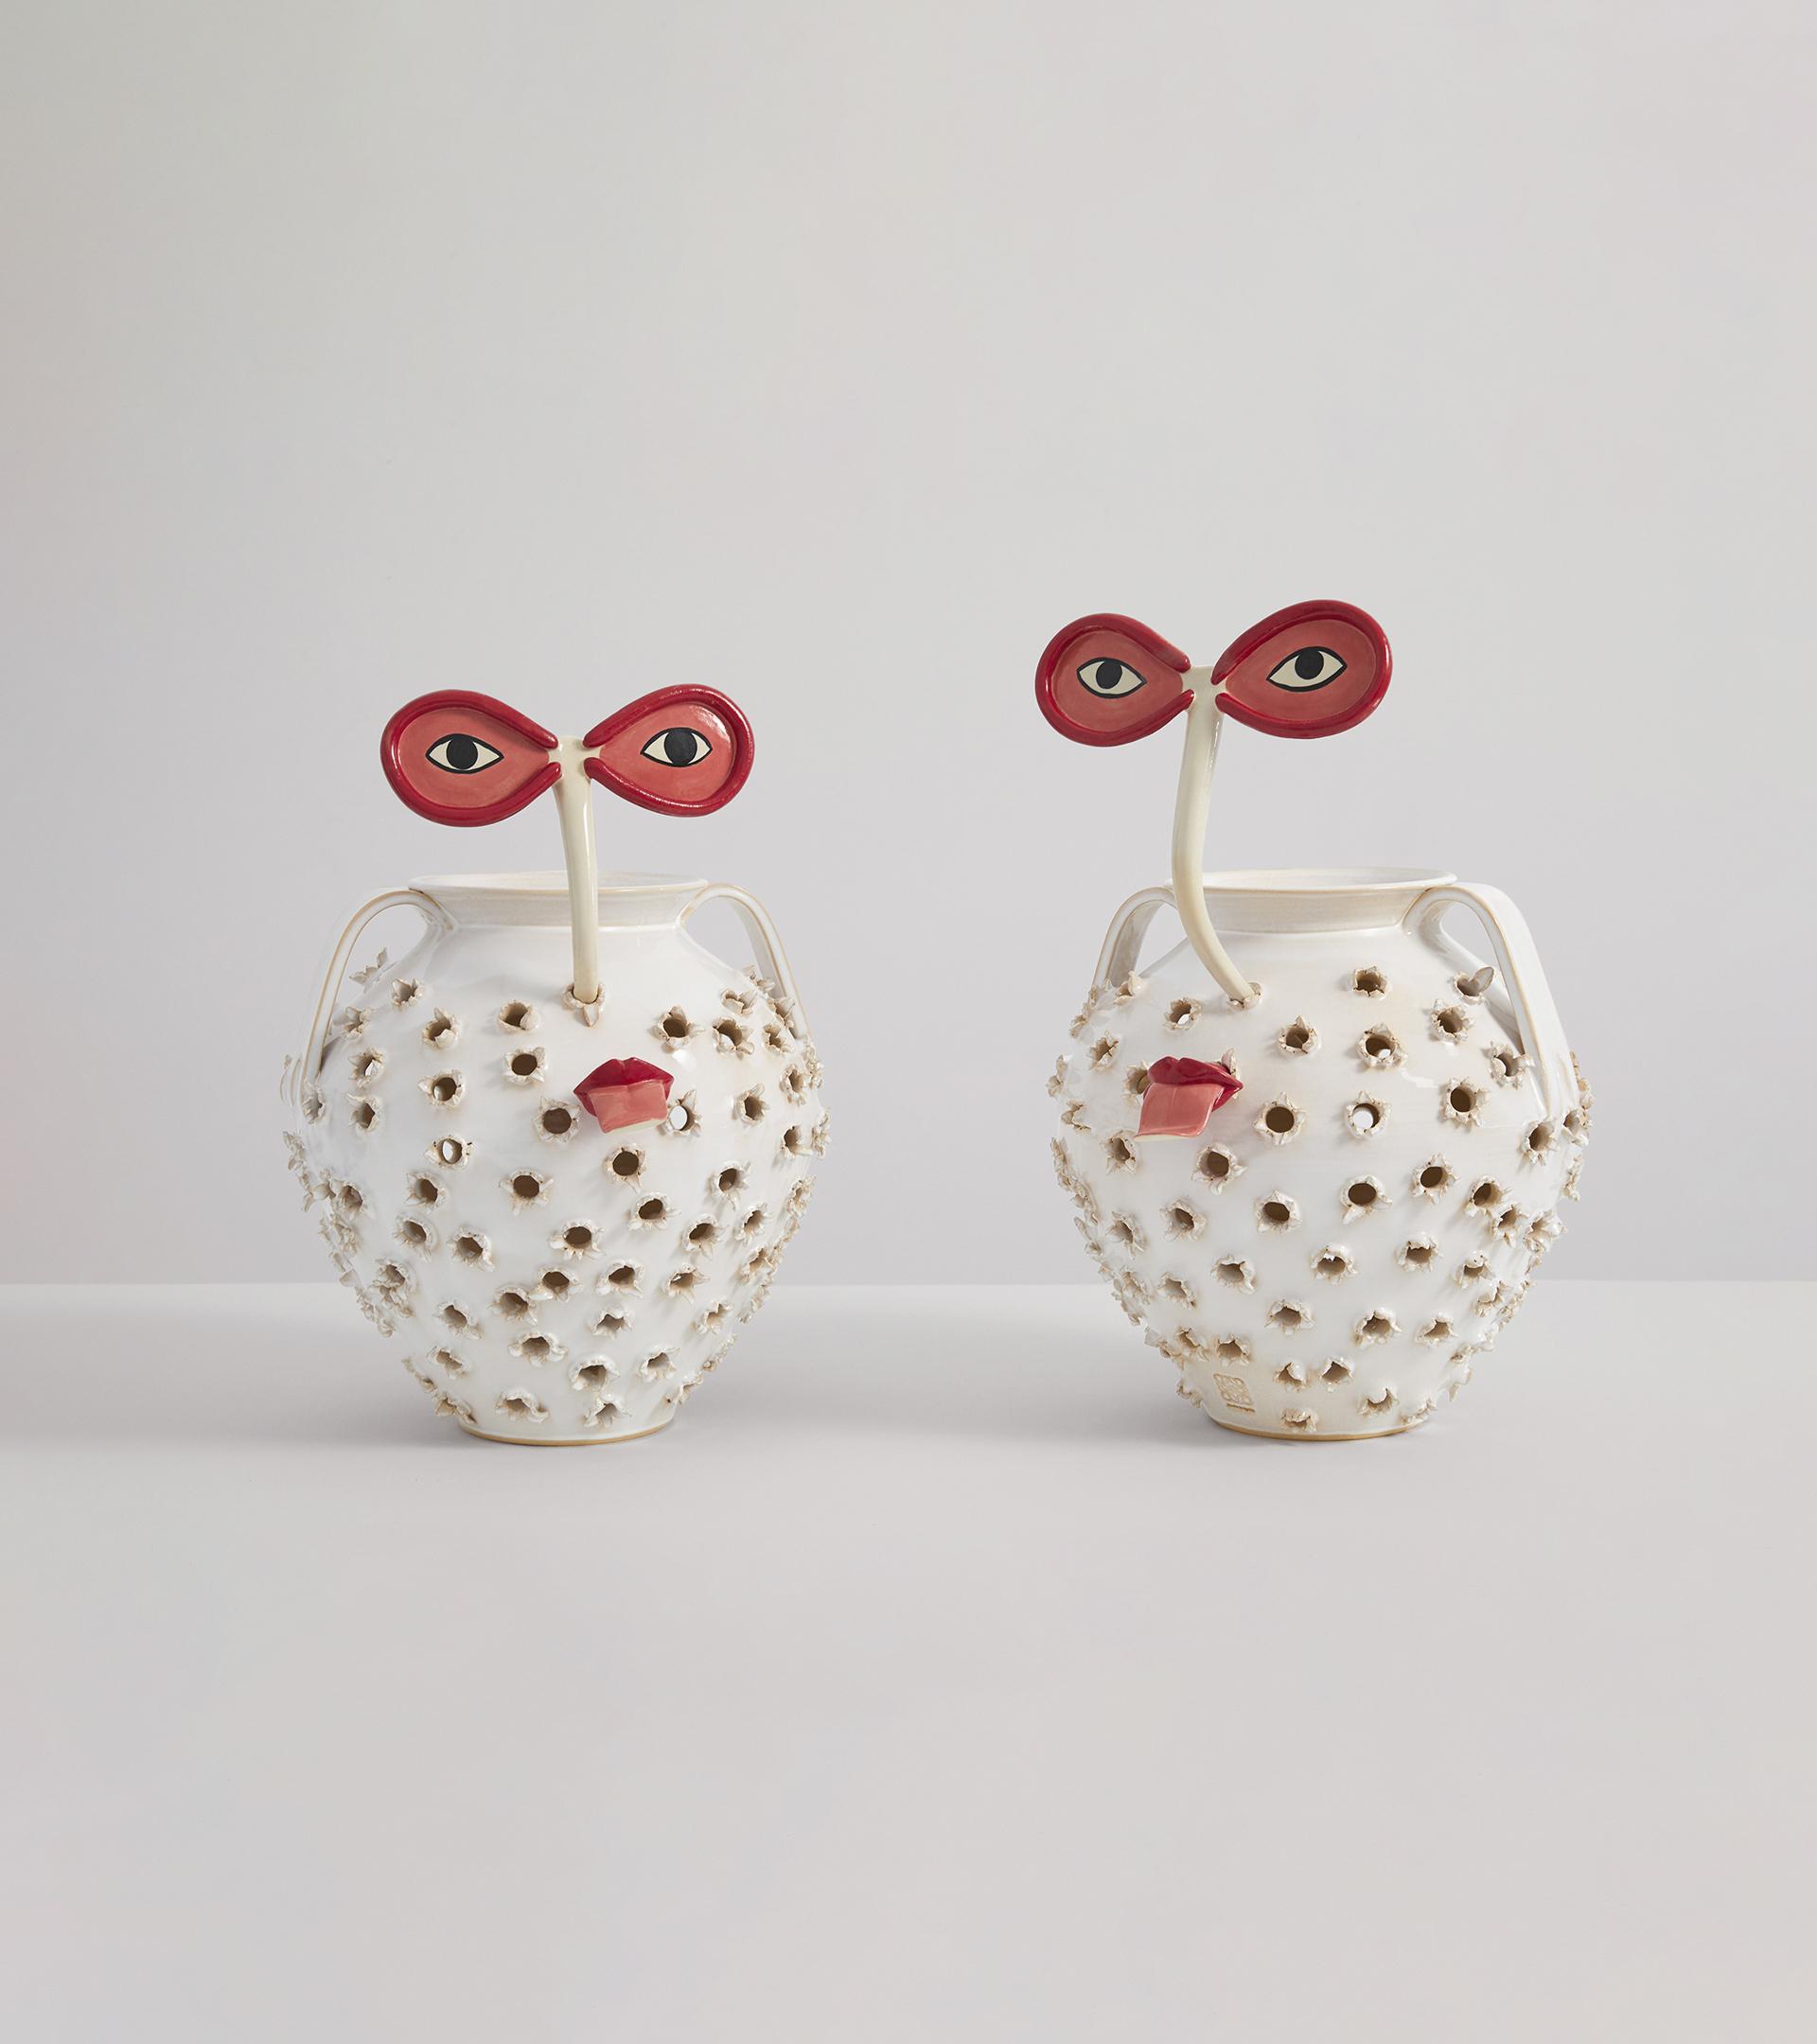 Los asadores de castañas elaborados por Laia Arqueros para la serie 'Loewe Weaves'.